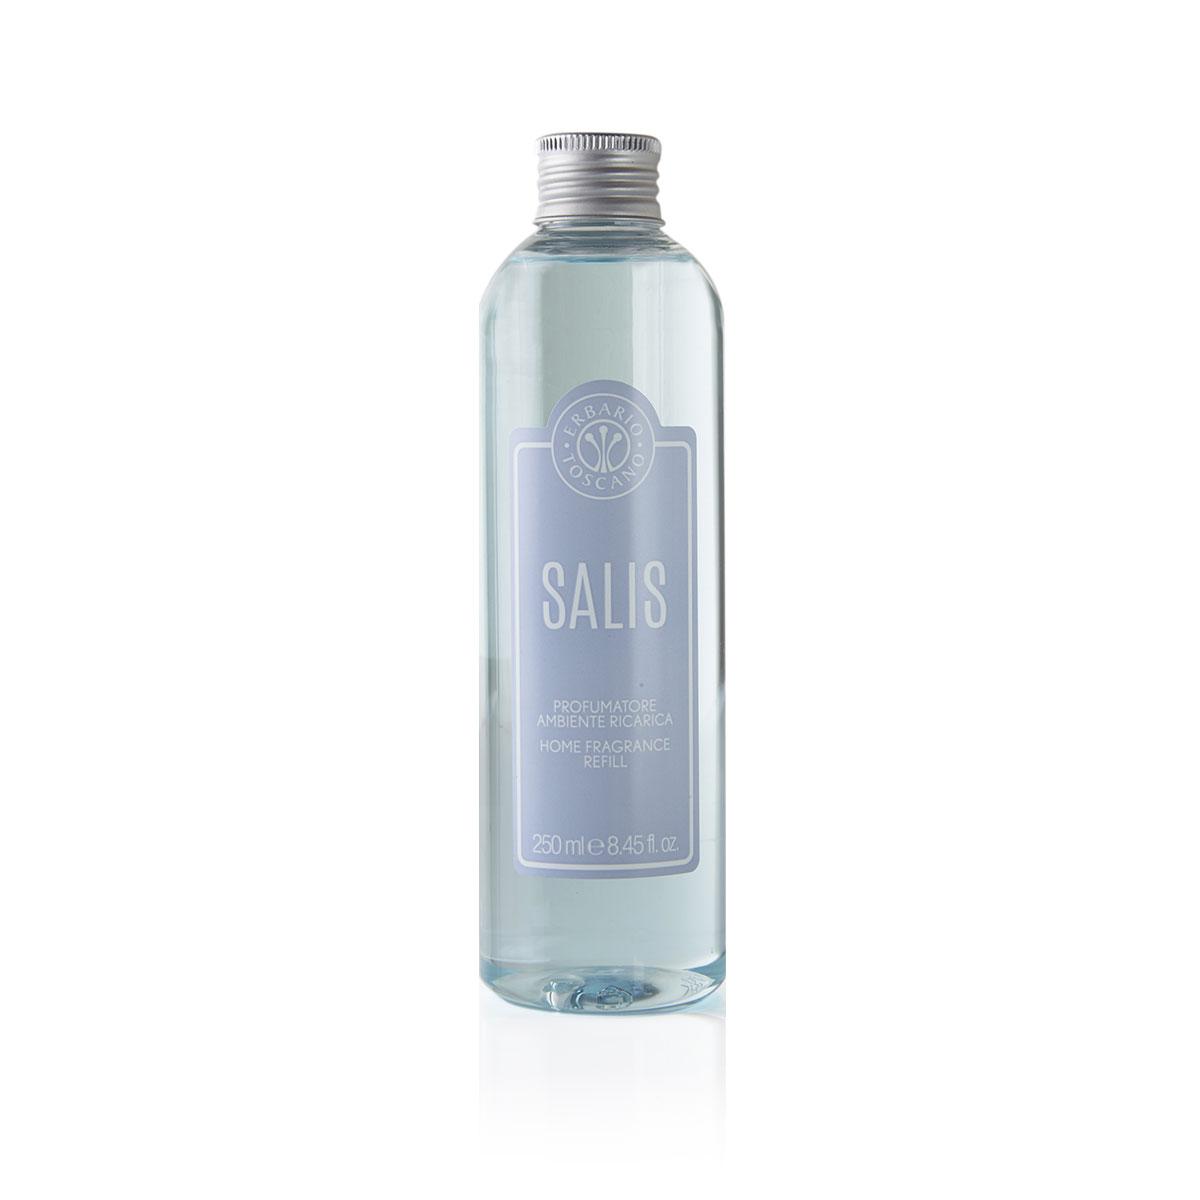 Erbario Toscano Diffuseur de parfum de maison 100/ml Salis